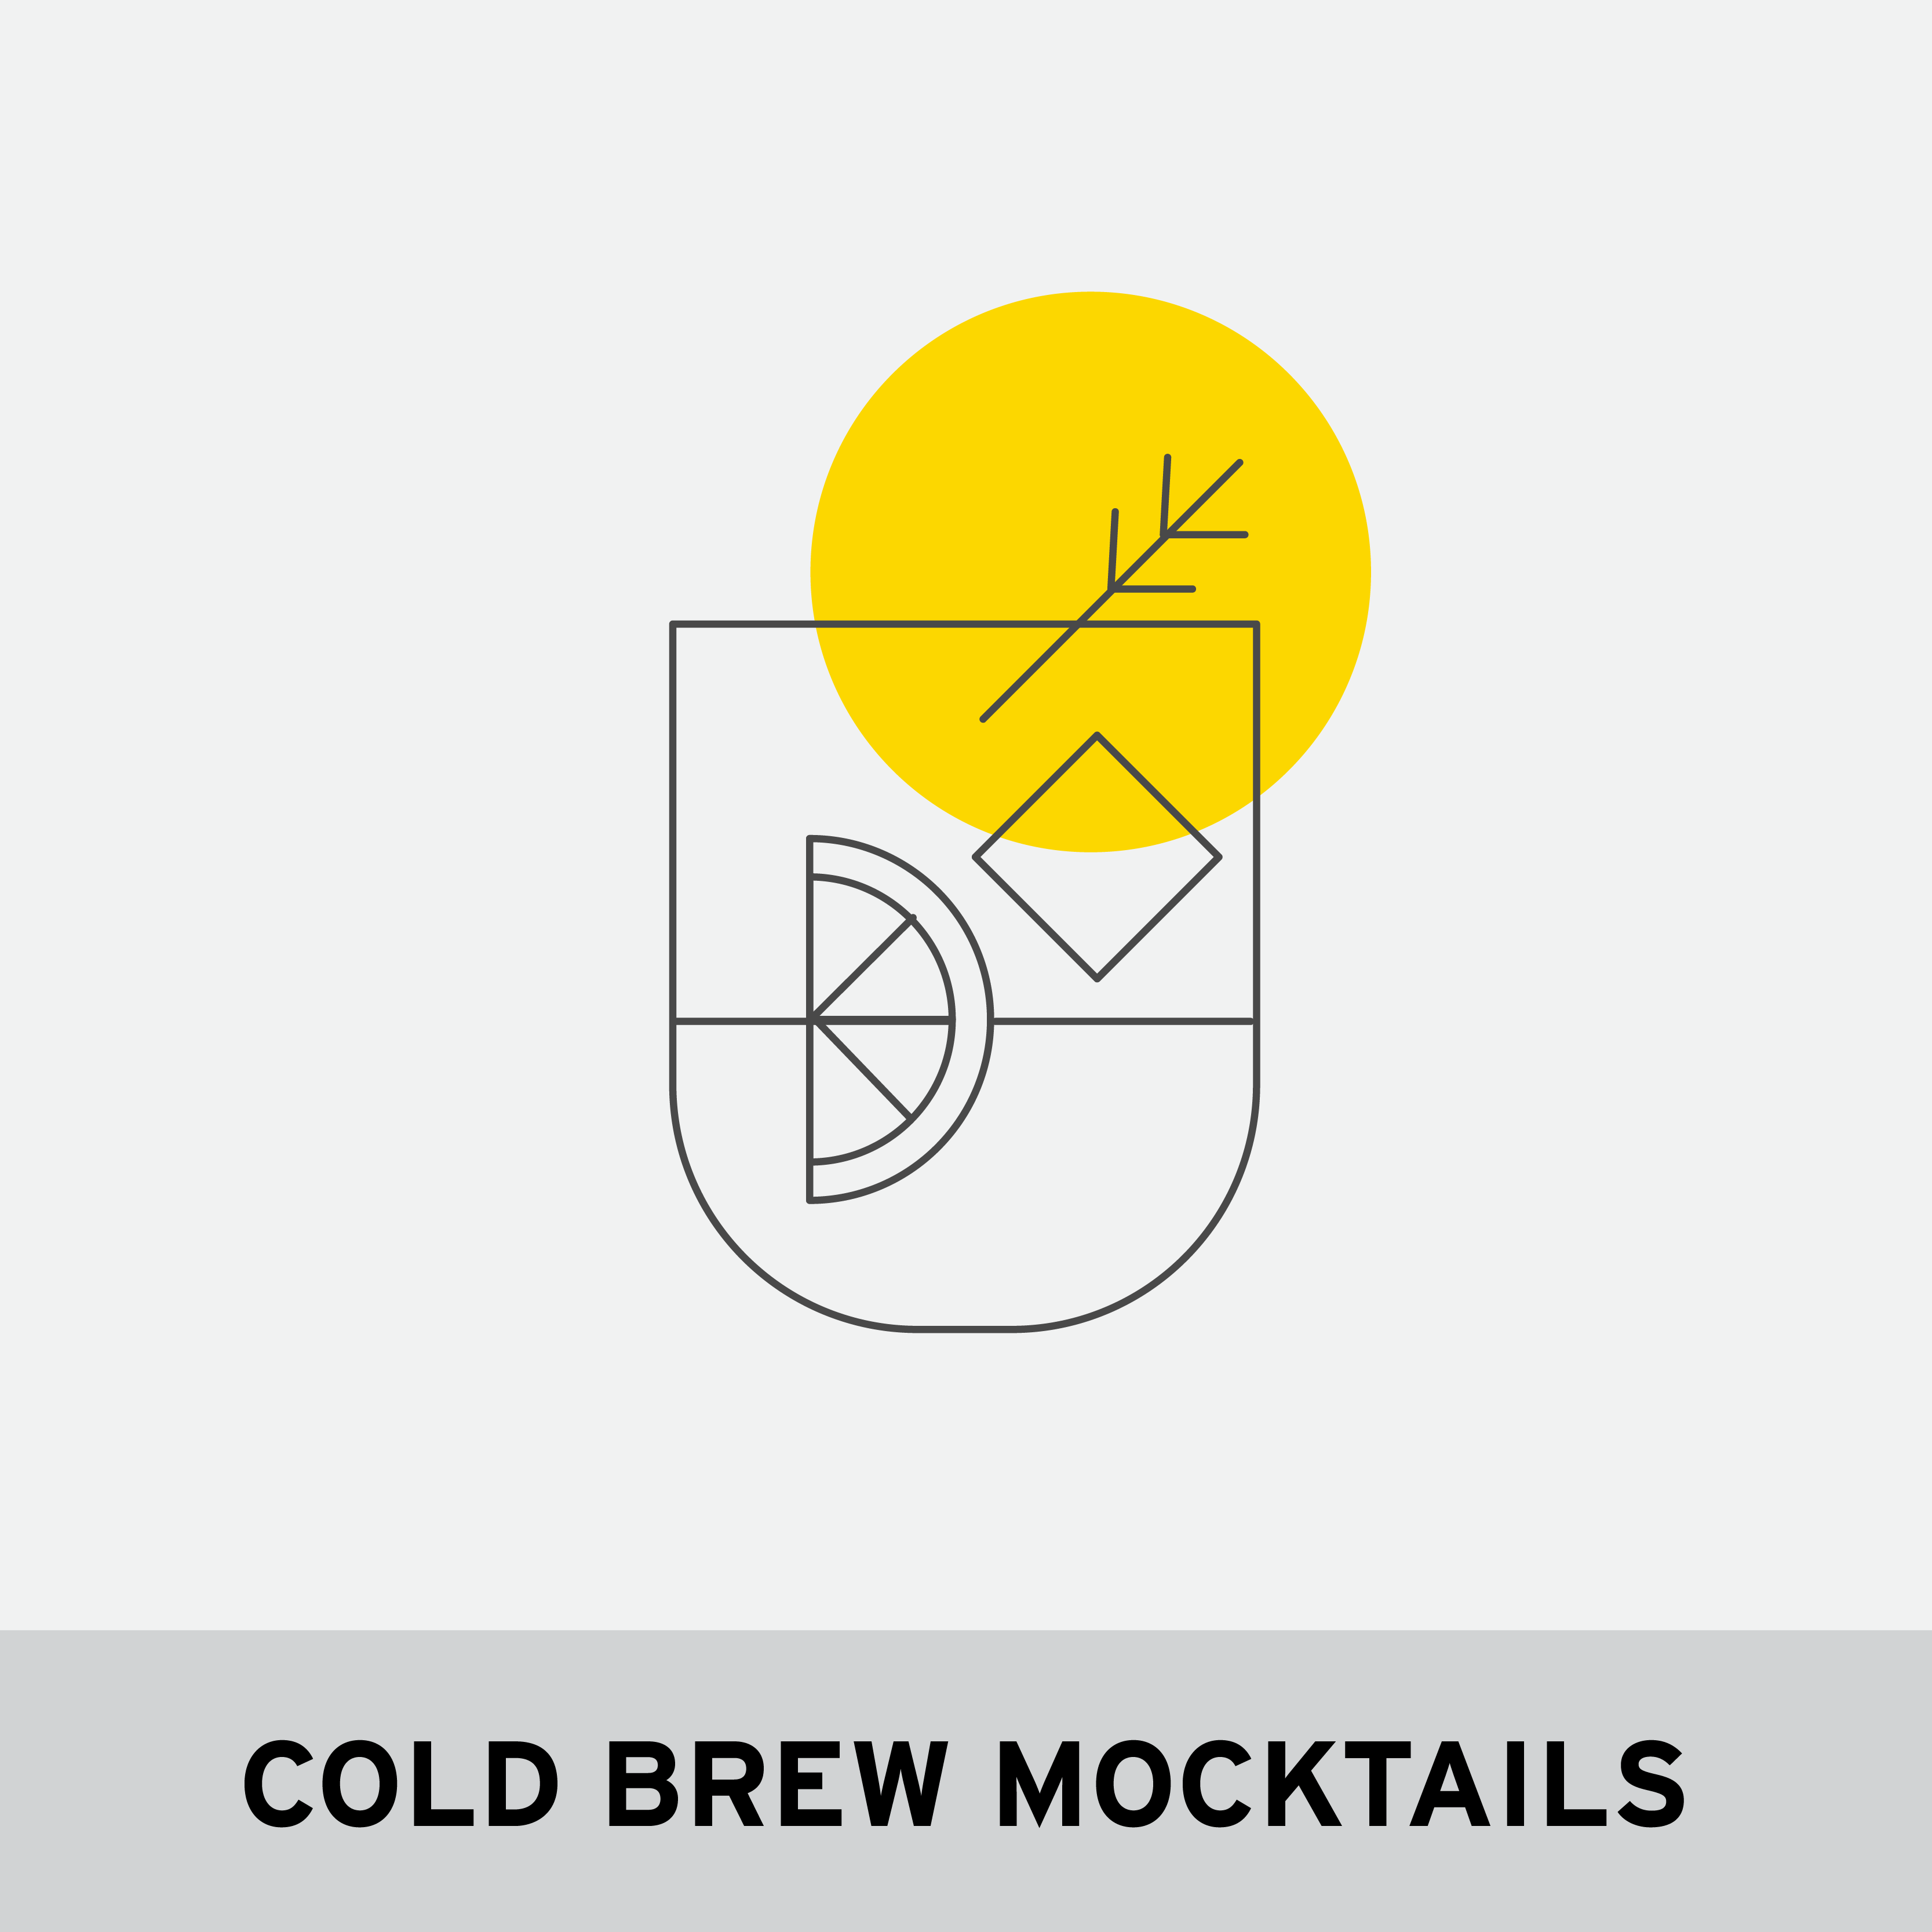 COLD BREW MOCKTAILS